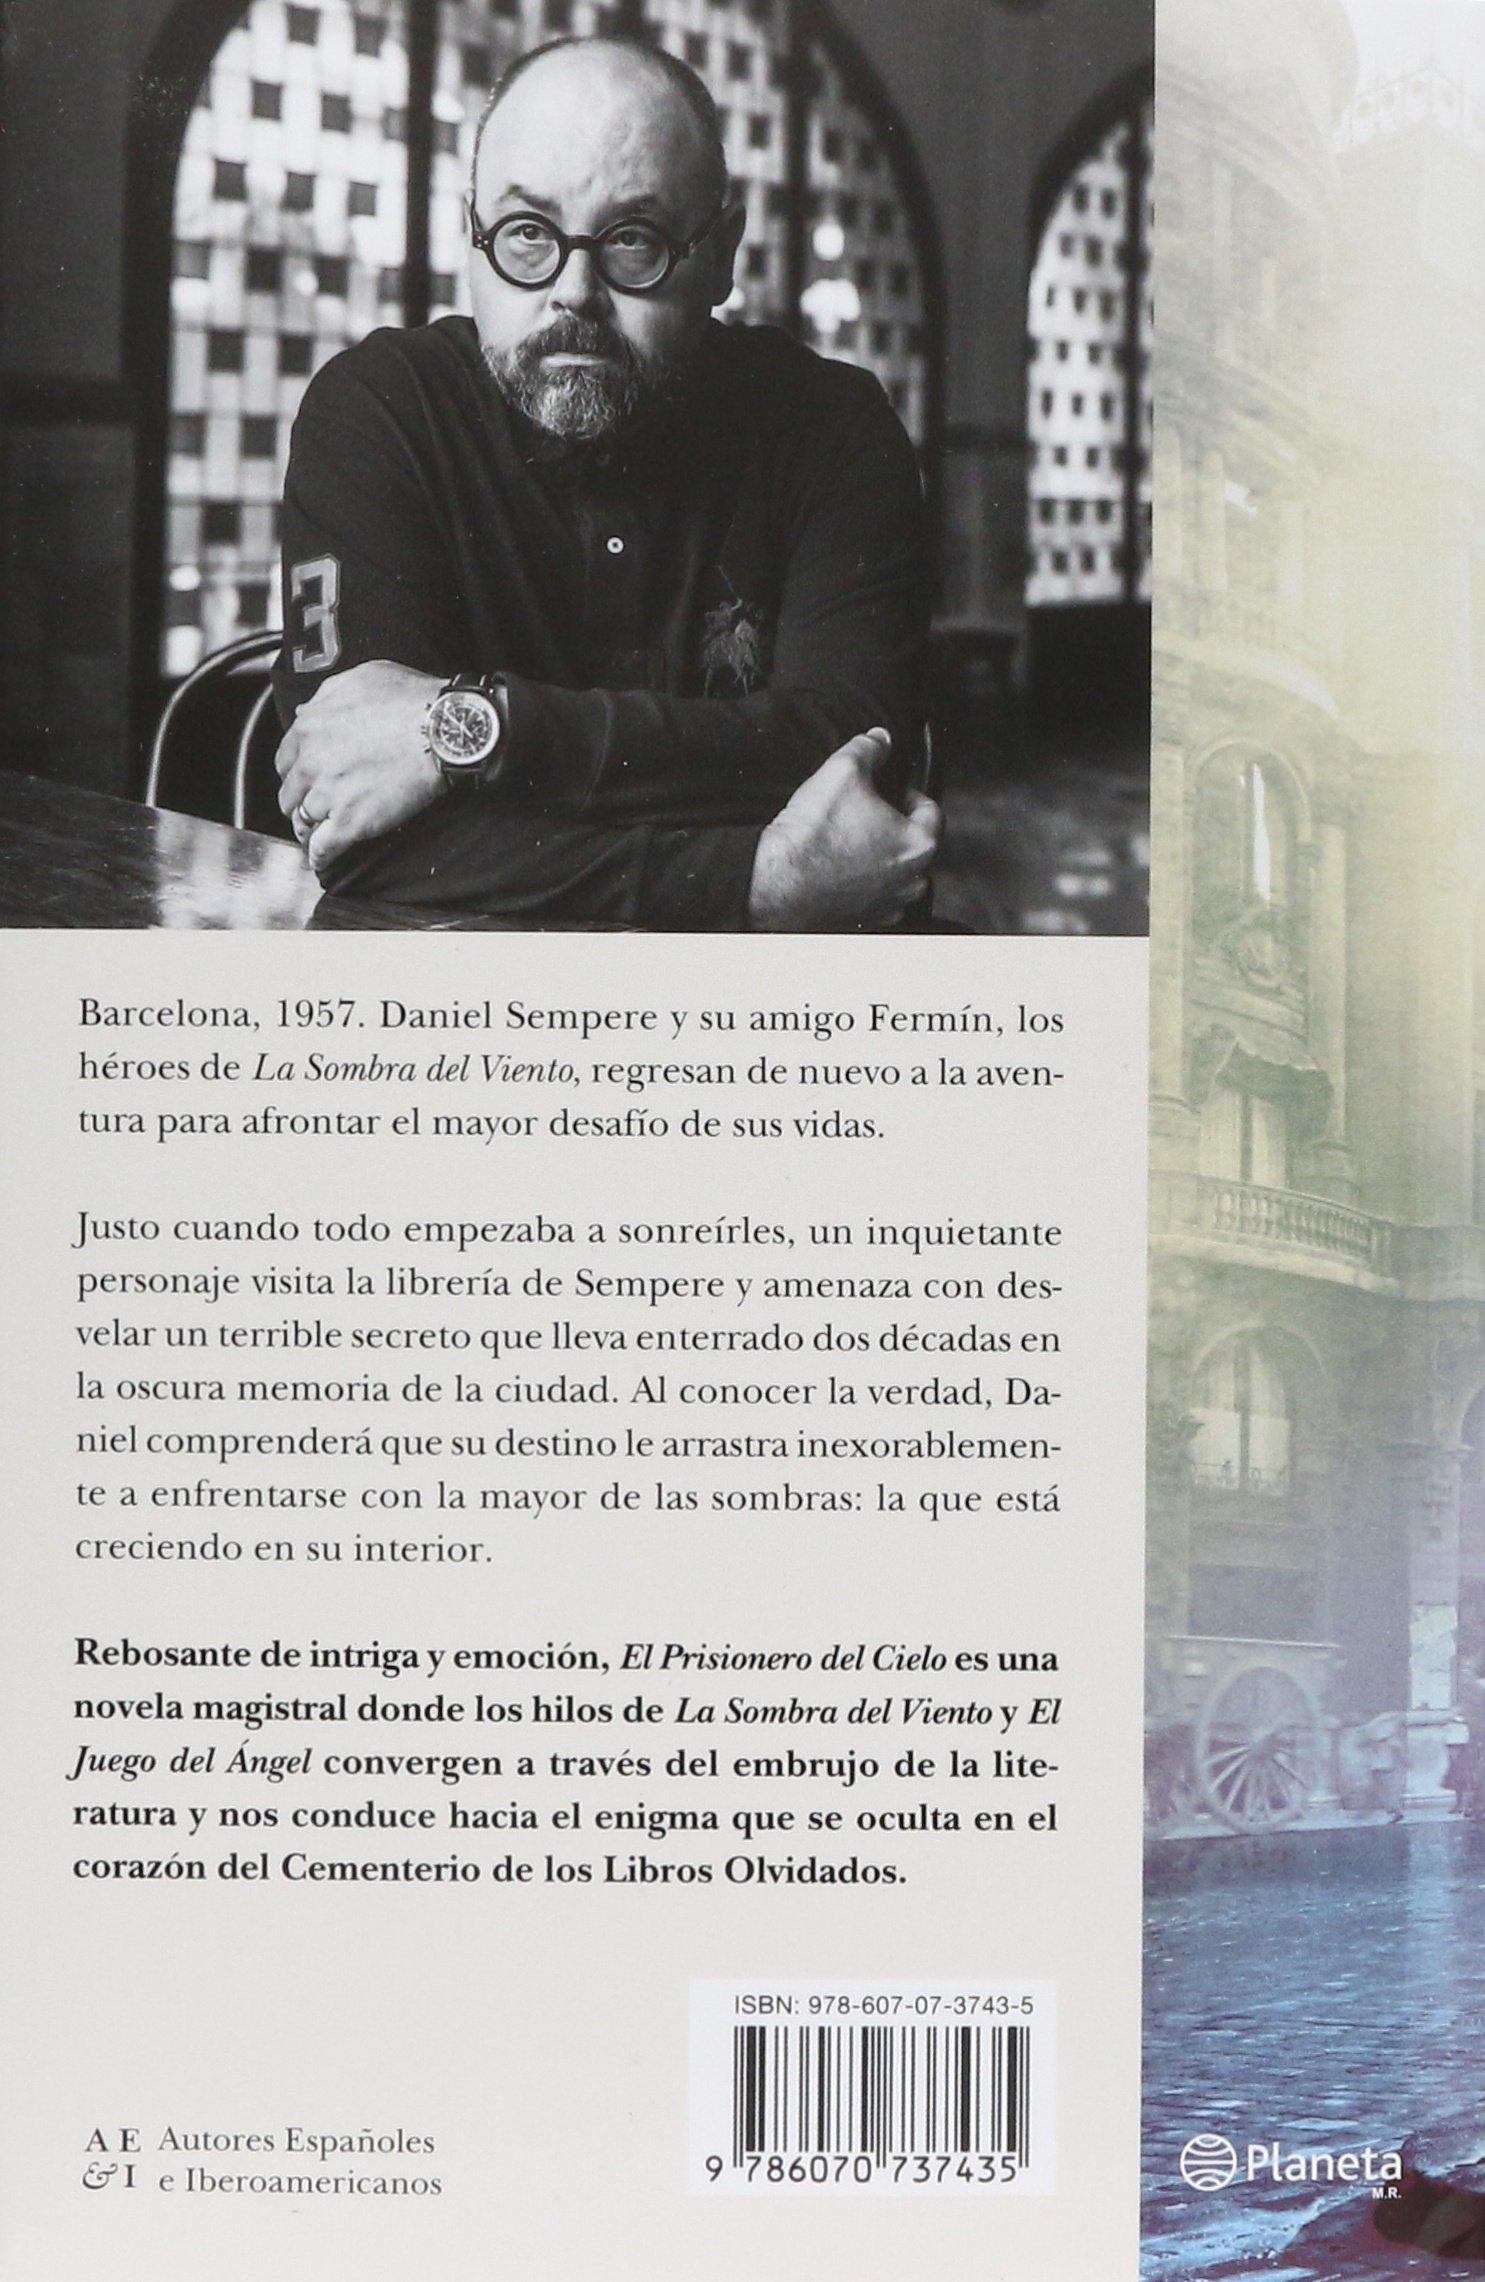 El prisionero del cielo: Carlos Ruiz Zafón: 9786070737435: Amazon.com: Books